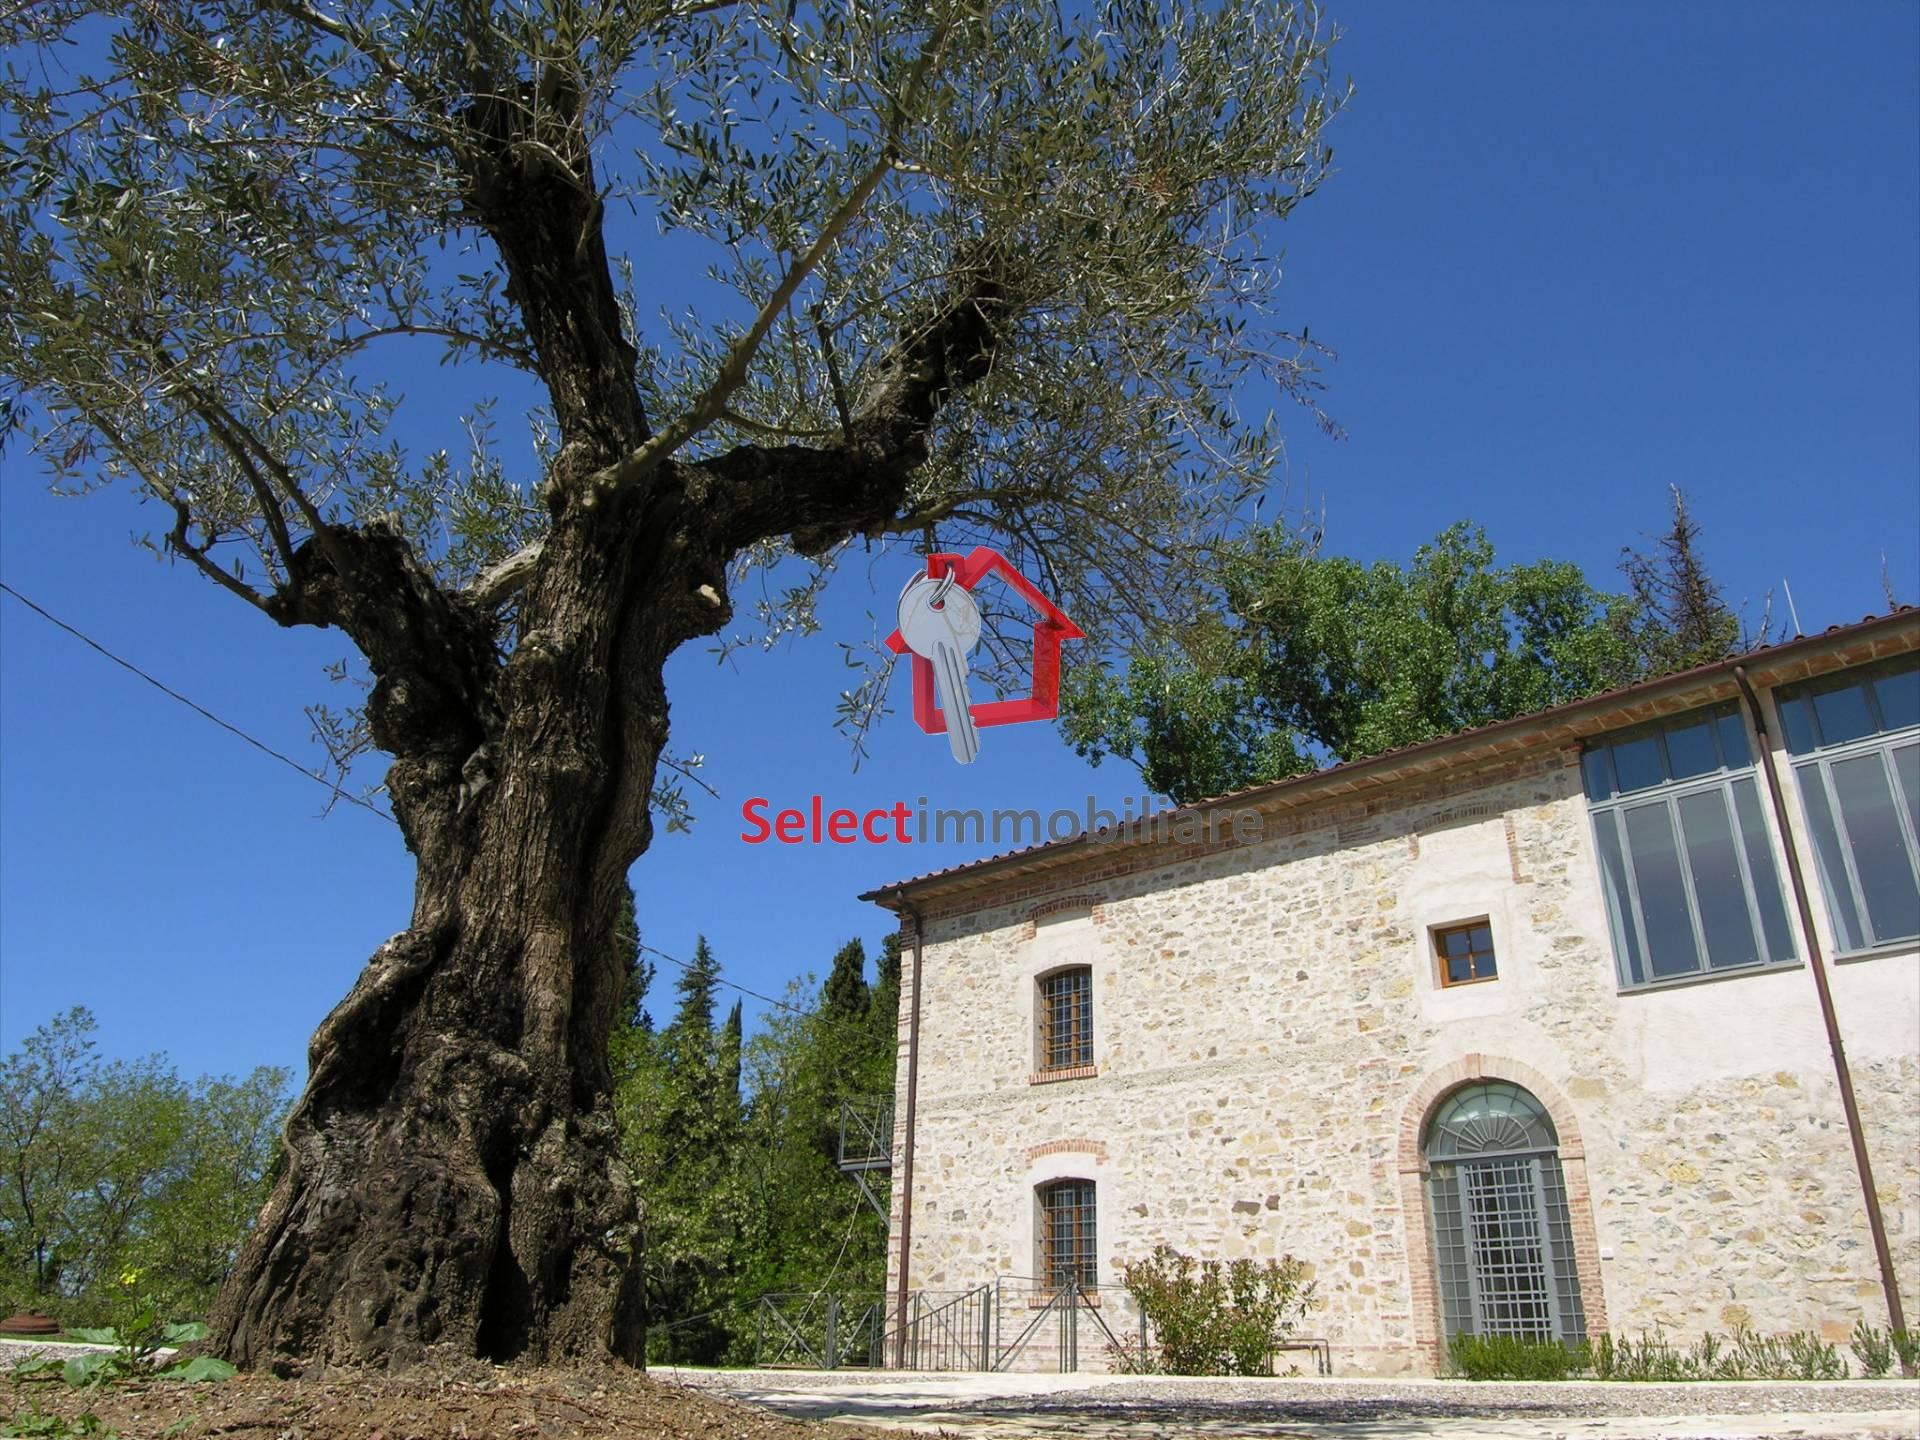 Appartamento in vendita a Massarosa, 4 locali, zona Zona: Bargecchia, prezzo € 280.000   Cambio Casa.it